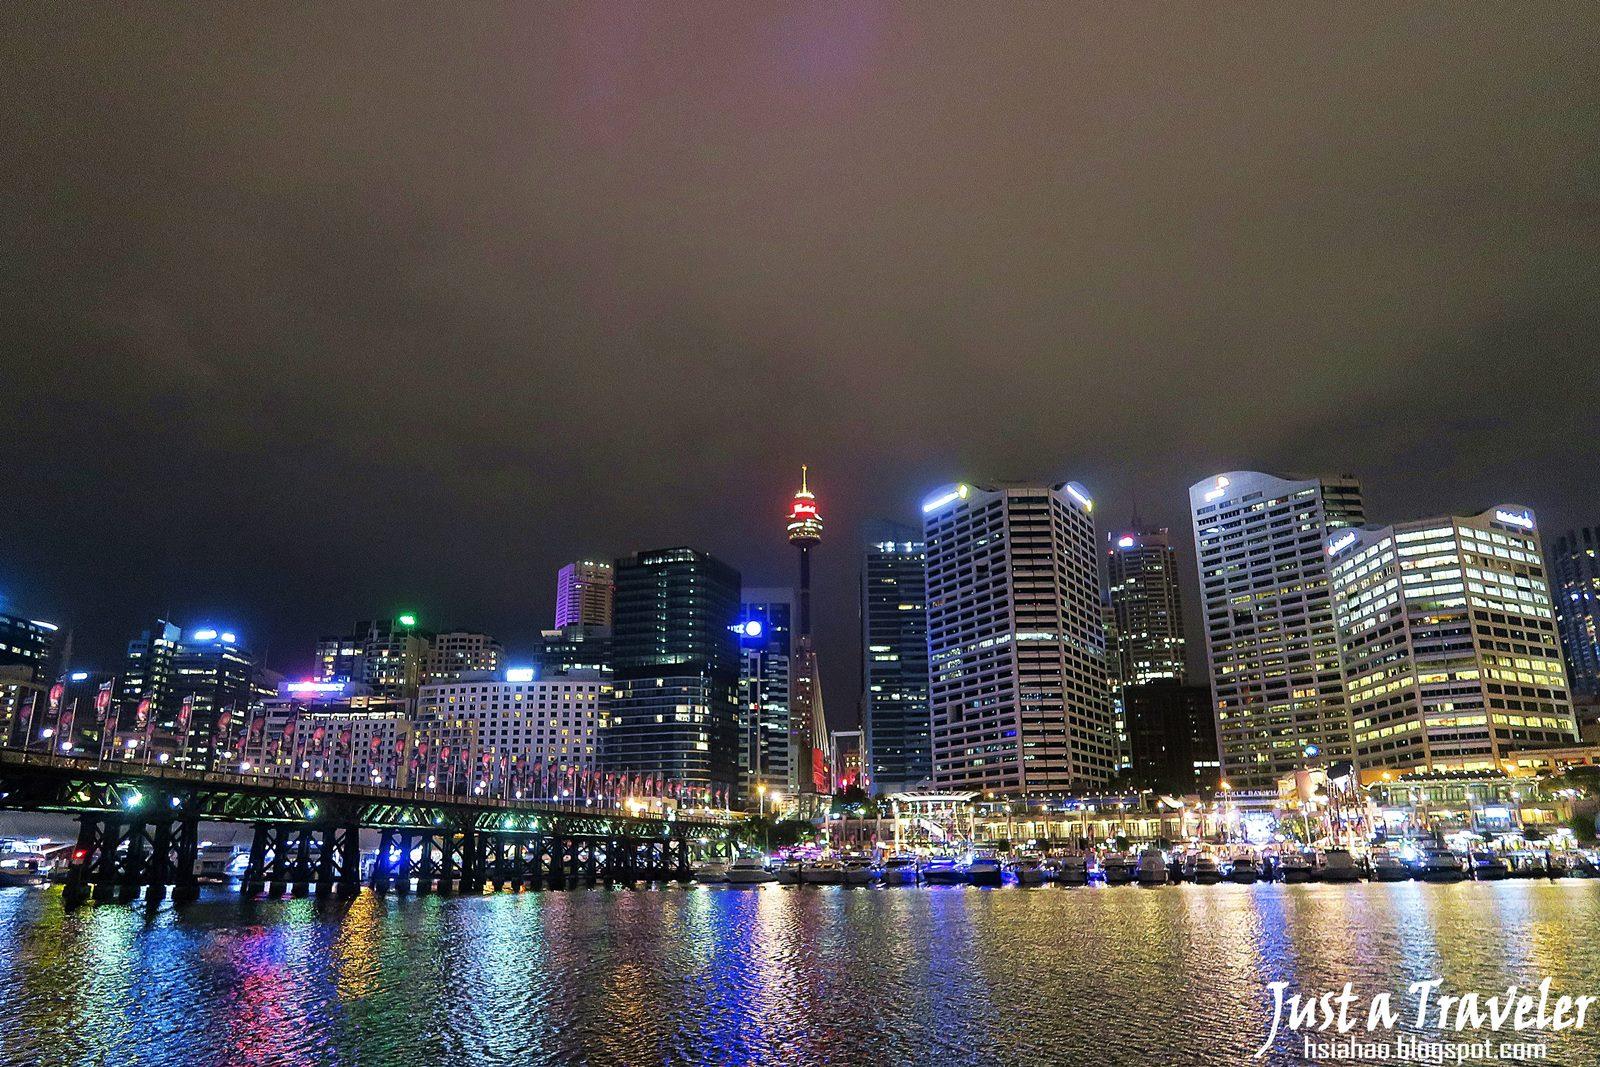 雪梨-悉尼-景點-推薦-達令港-蠟像館-海生館-動物園-海事館-優惠-折扣-門票-交通-便宜-自由行-旅遊-澳洲-Sydney-Darling-Harbour-iVenture-Card-Pass-Travel-Australia